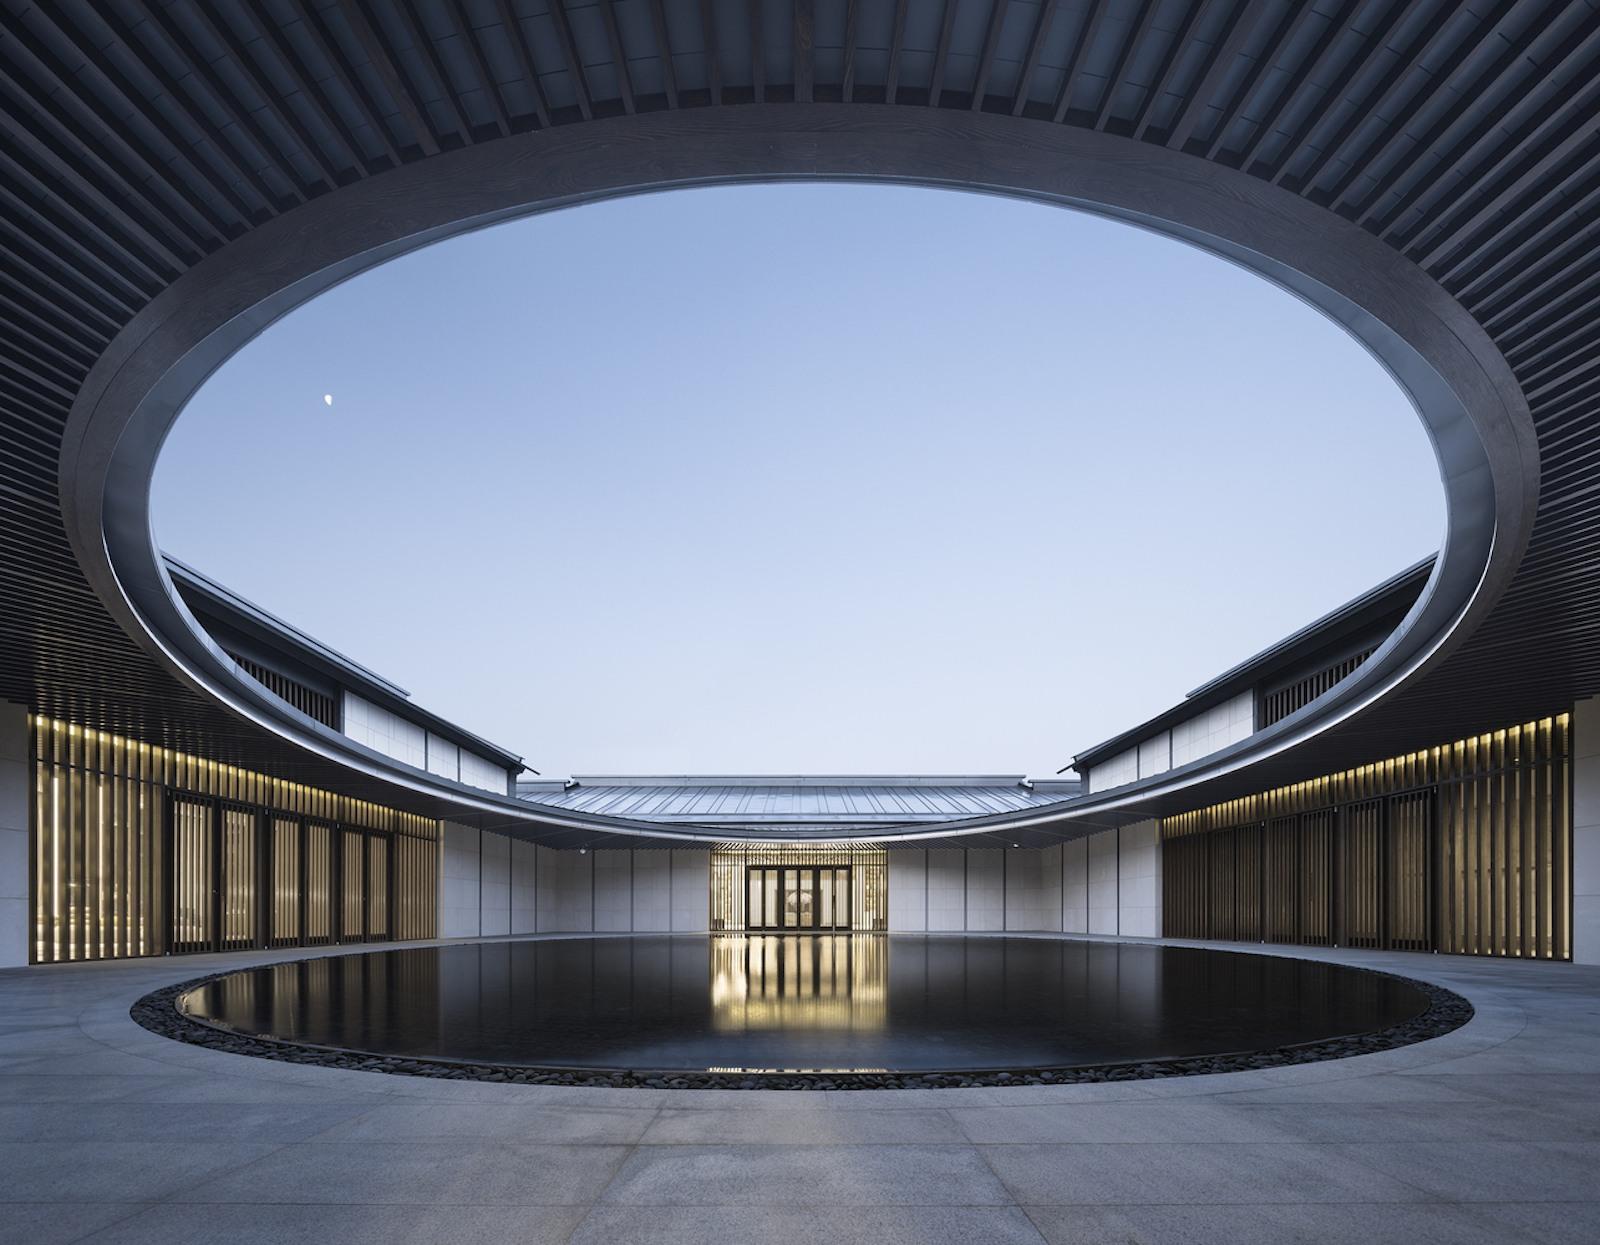 iGNANT-Architecture-GLA-Architects-Weihai-Hospital-001